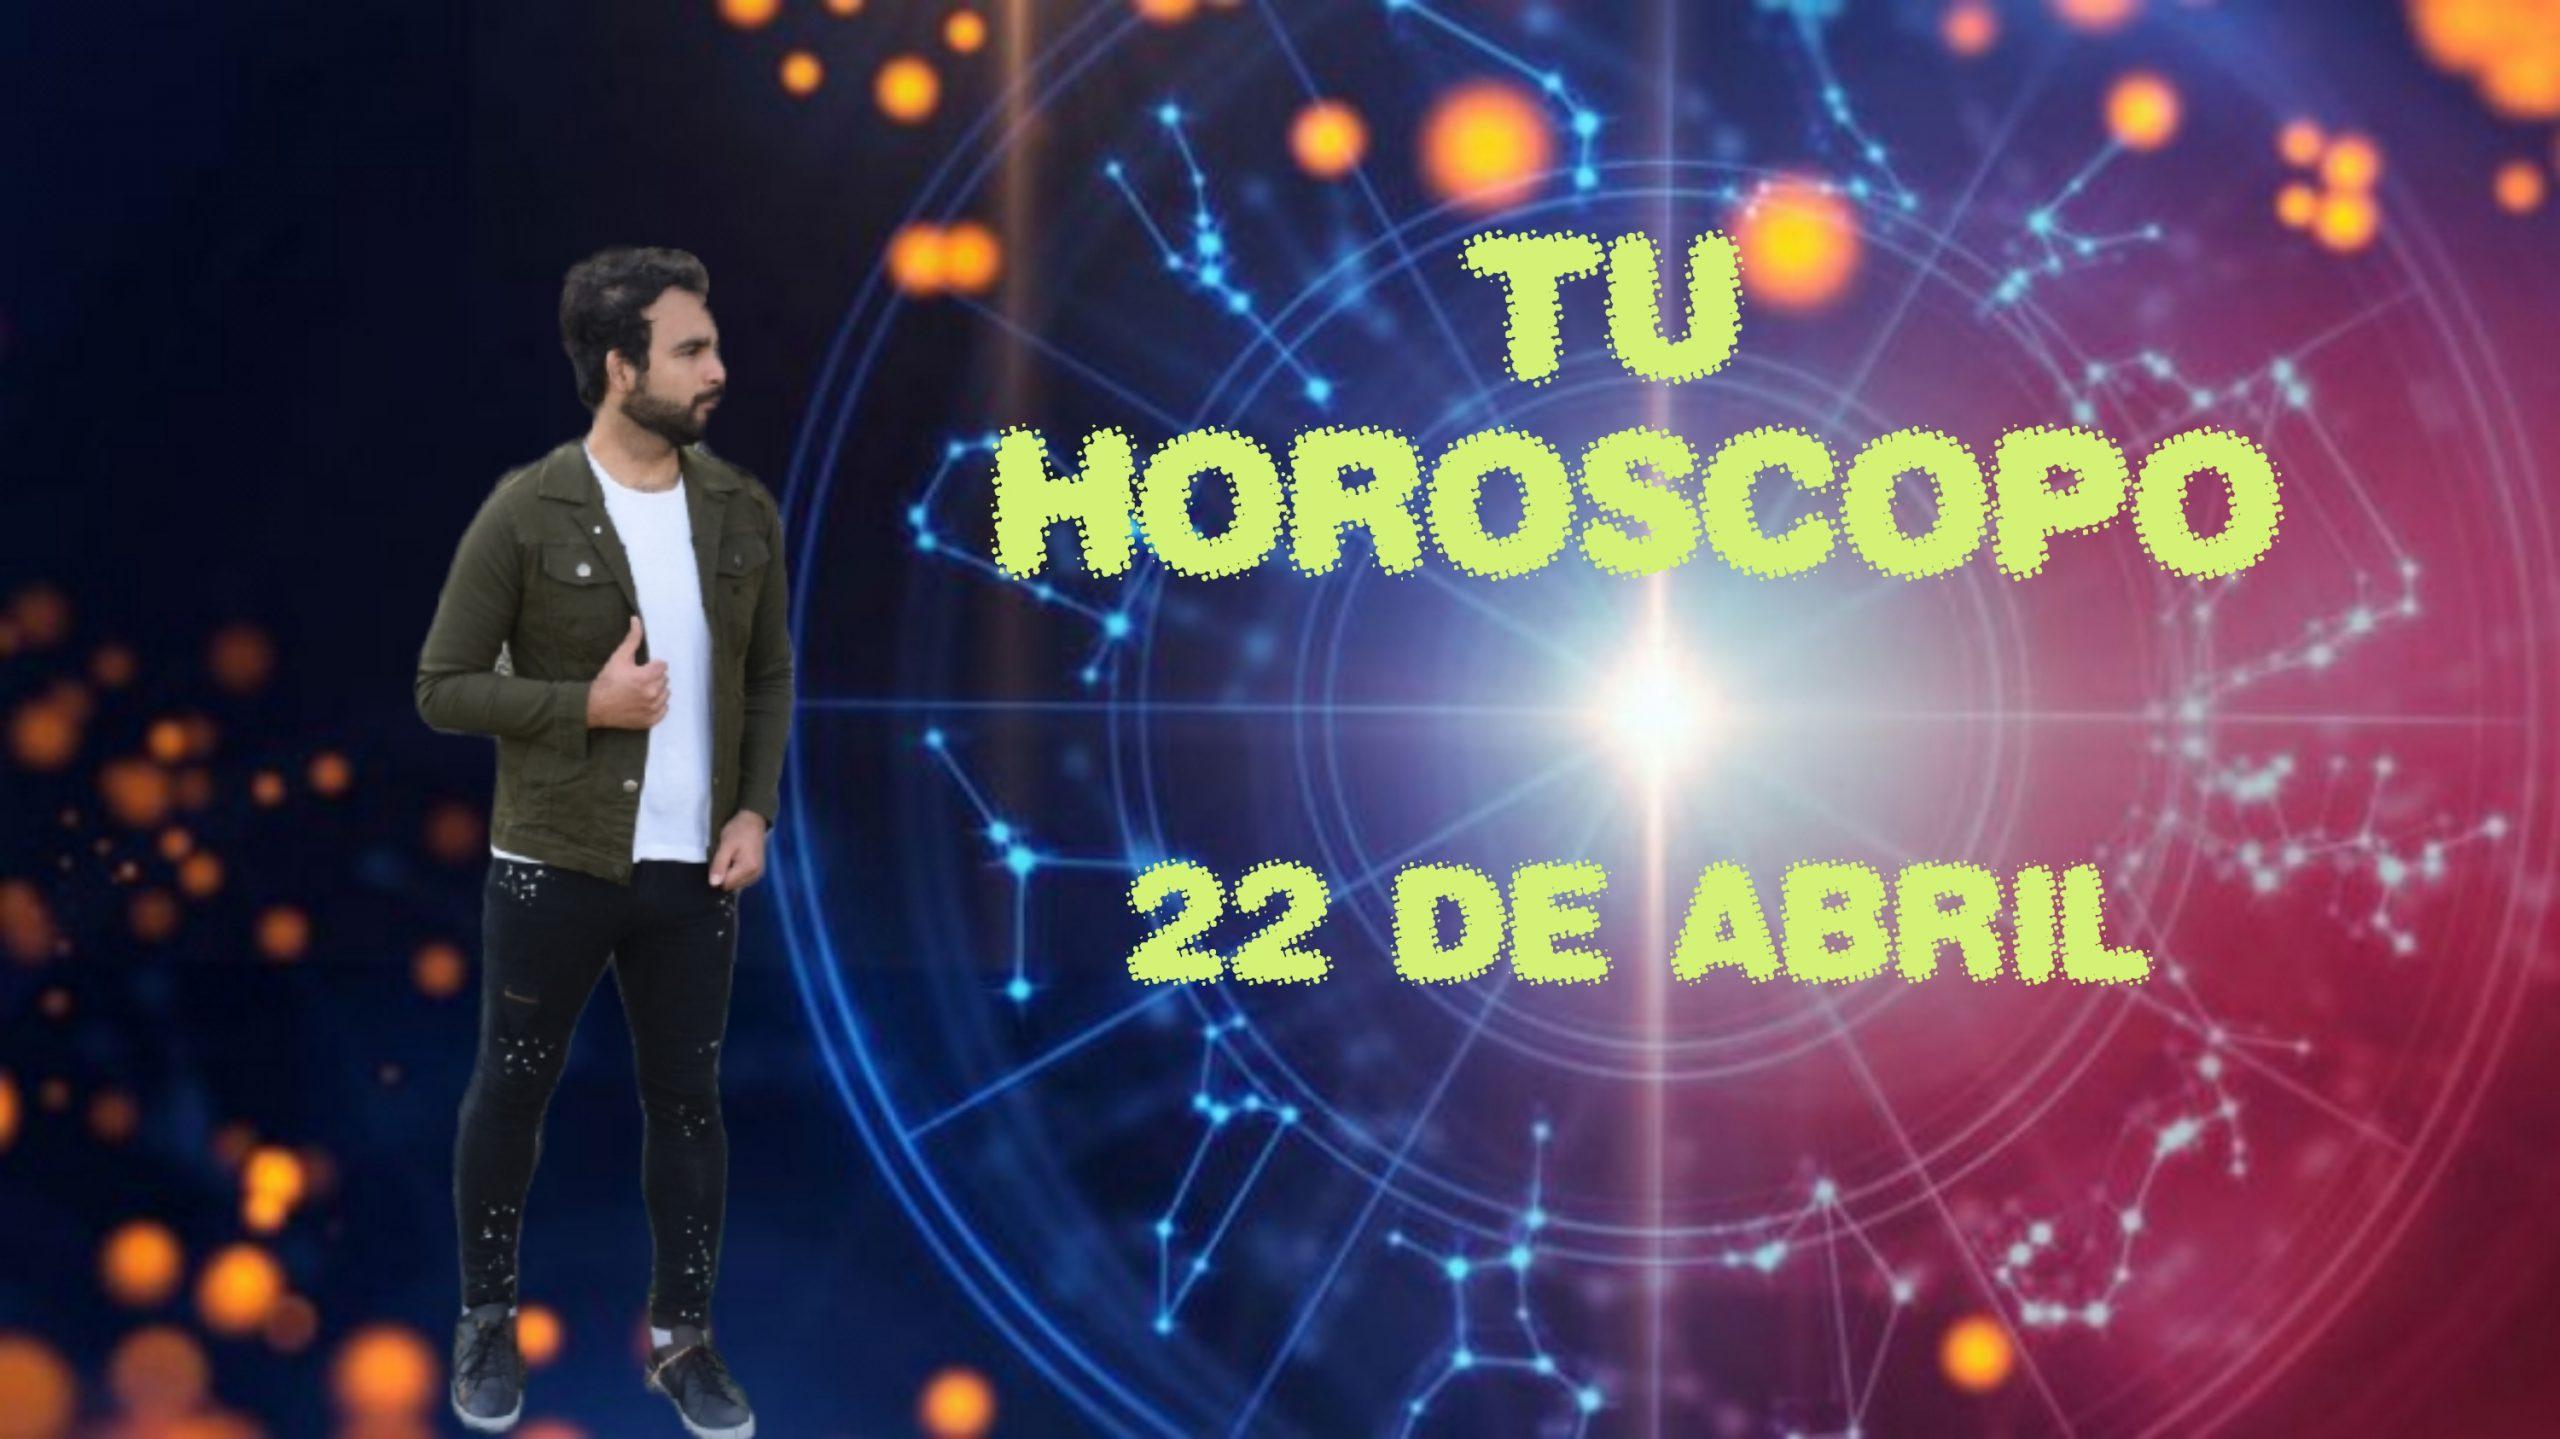 Horóscopo del 22 de abril de 2021. Descubre tu futuro con Marcos Nahuel